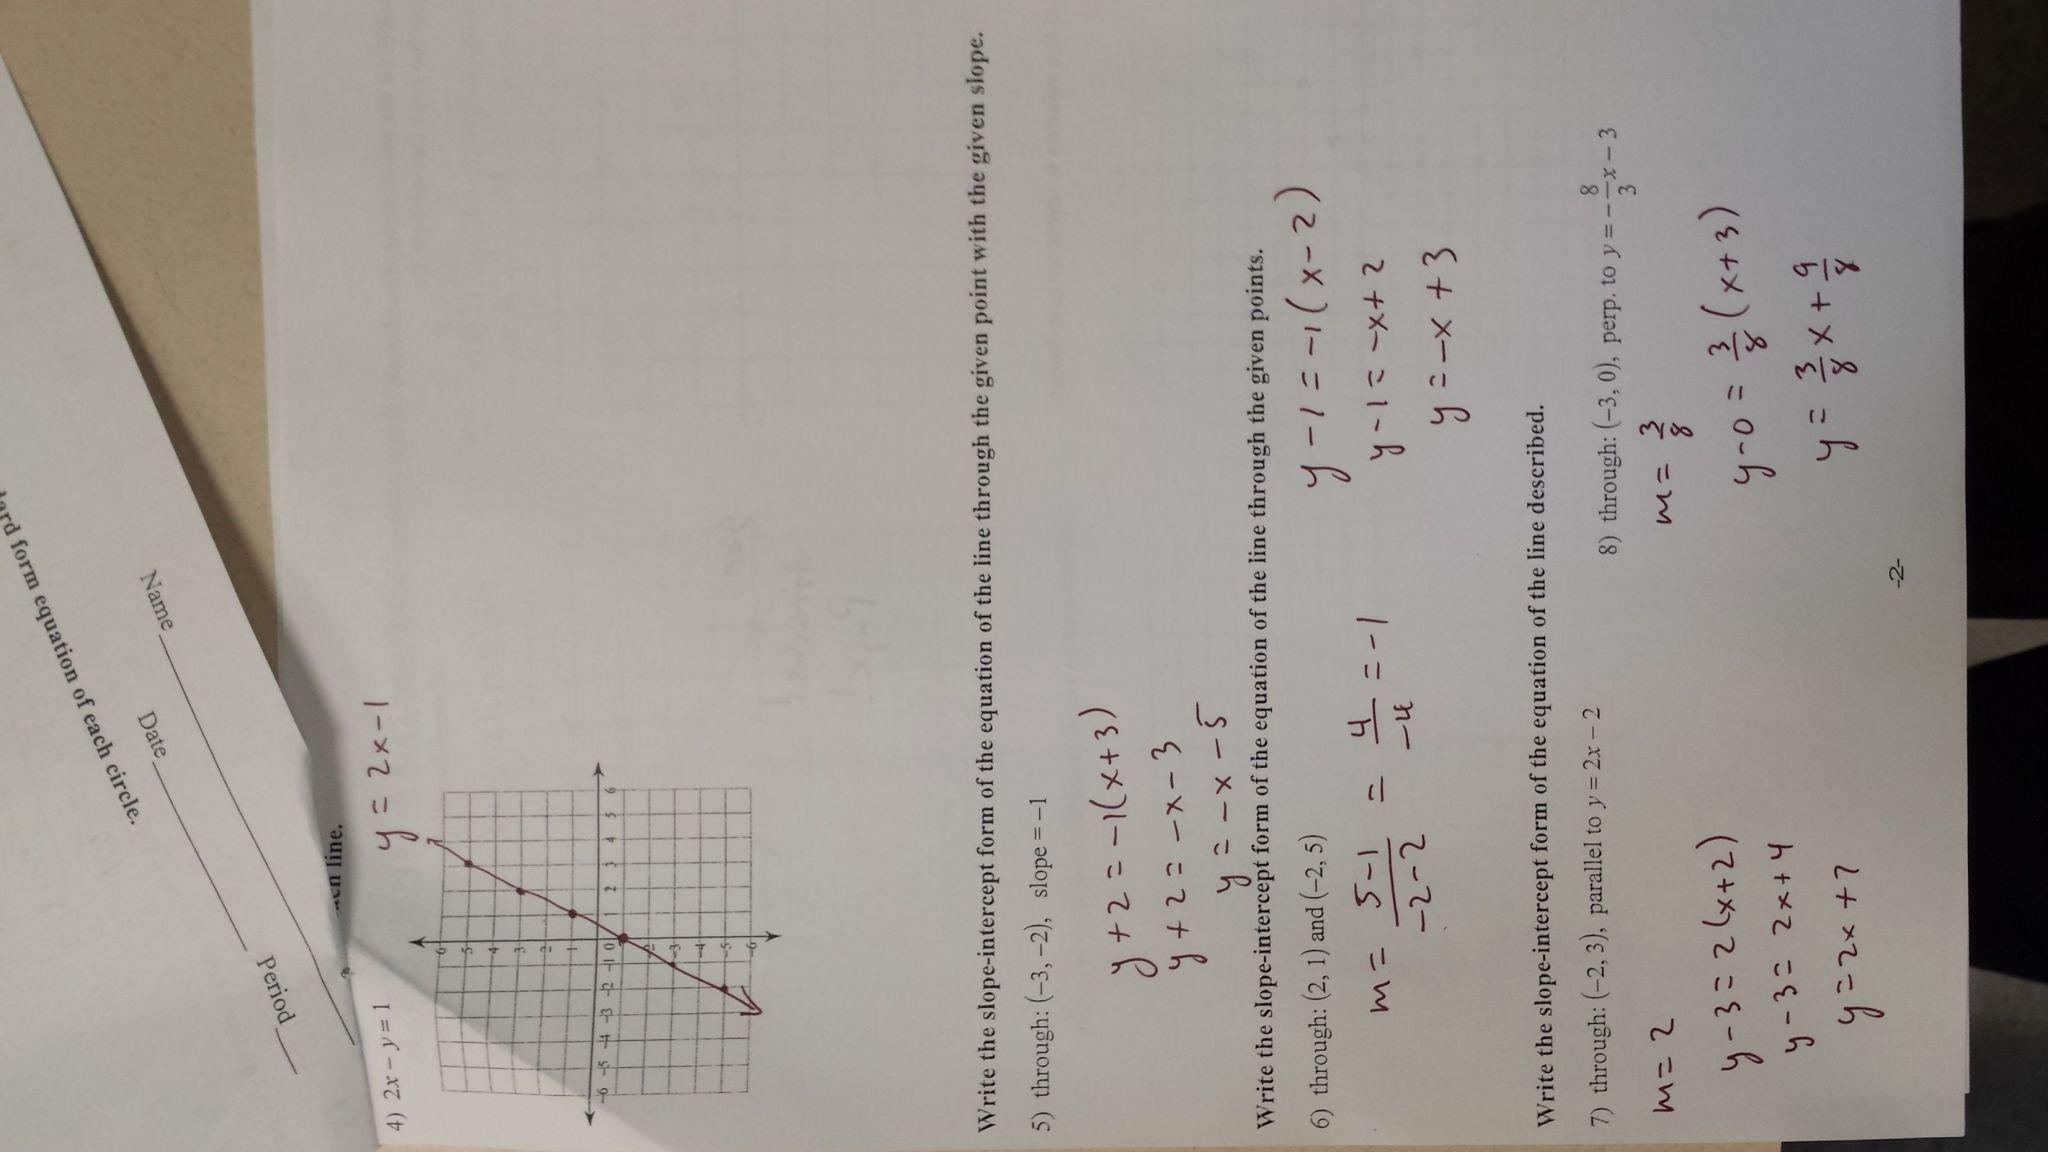 Characteristics Of Quadratic Functions Worksheet Lovely Characteristics Quadratic Functions Worksheet Answers